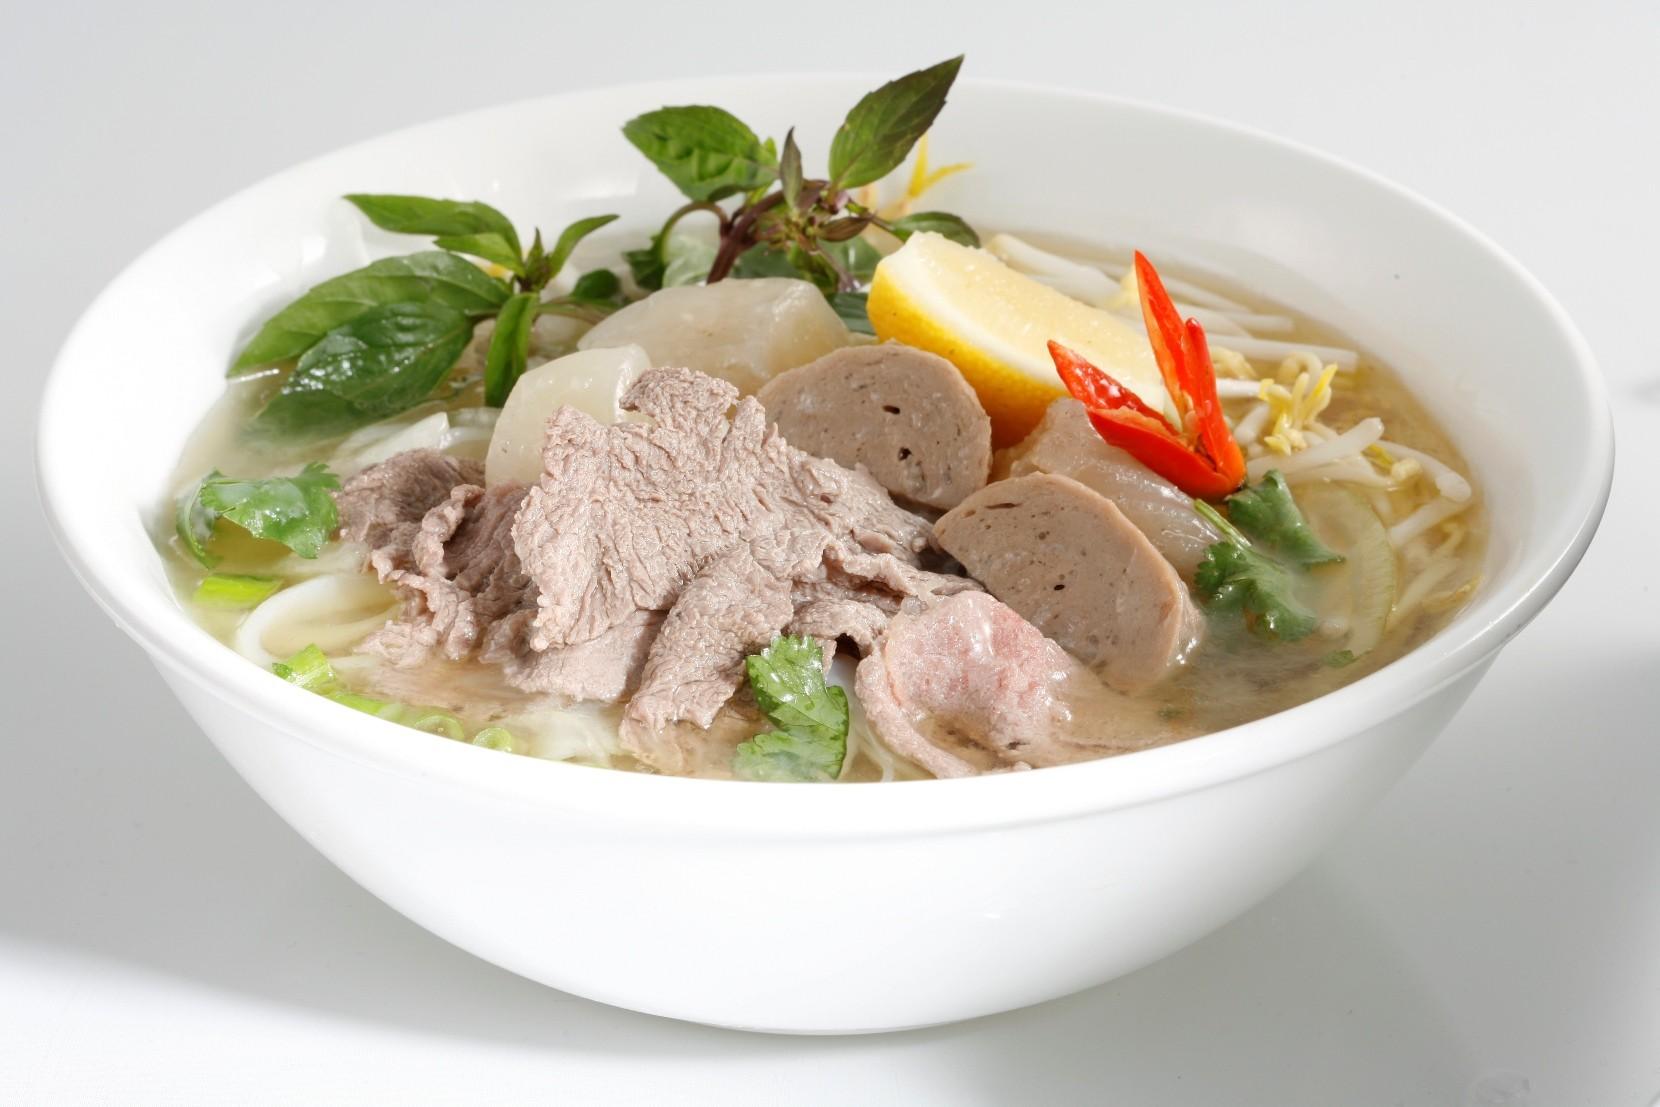 Pagrindinis Vietnamo virtuvės patiekalas - sriuba